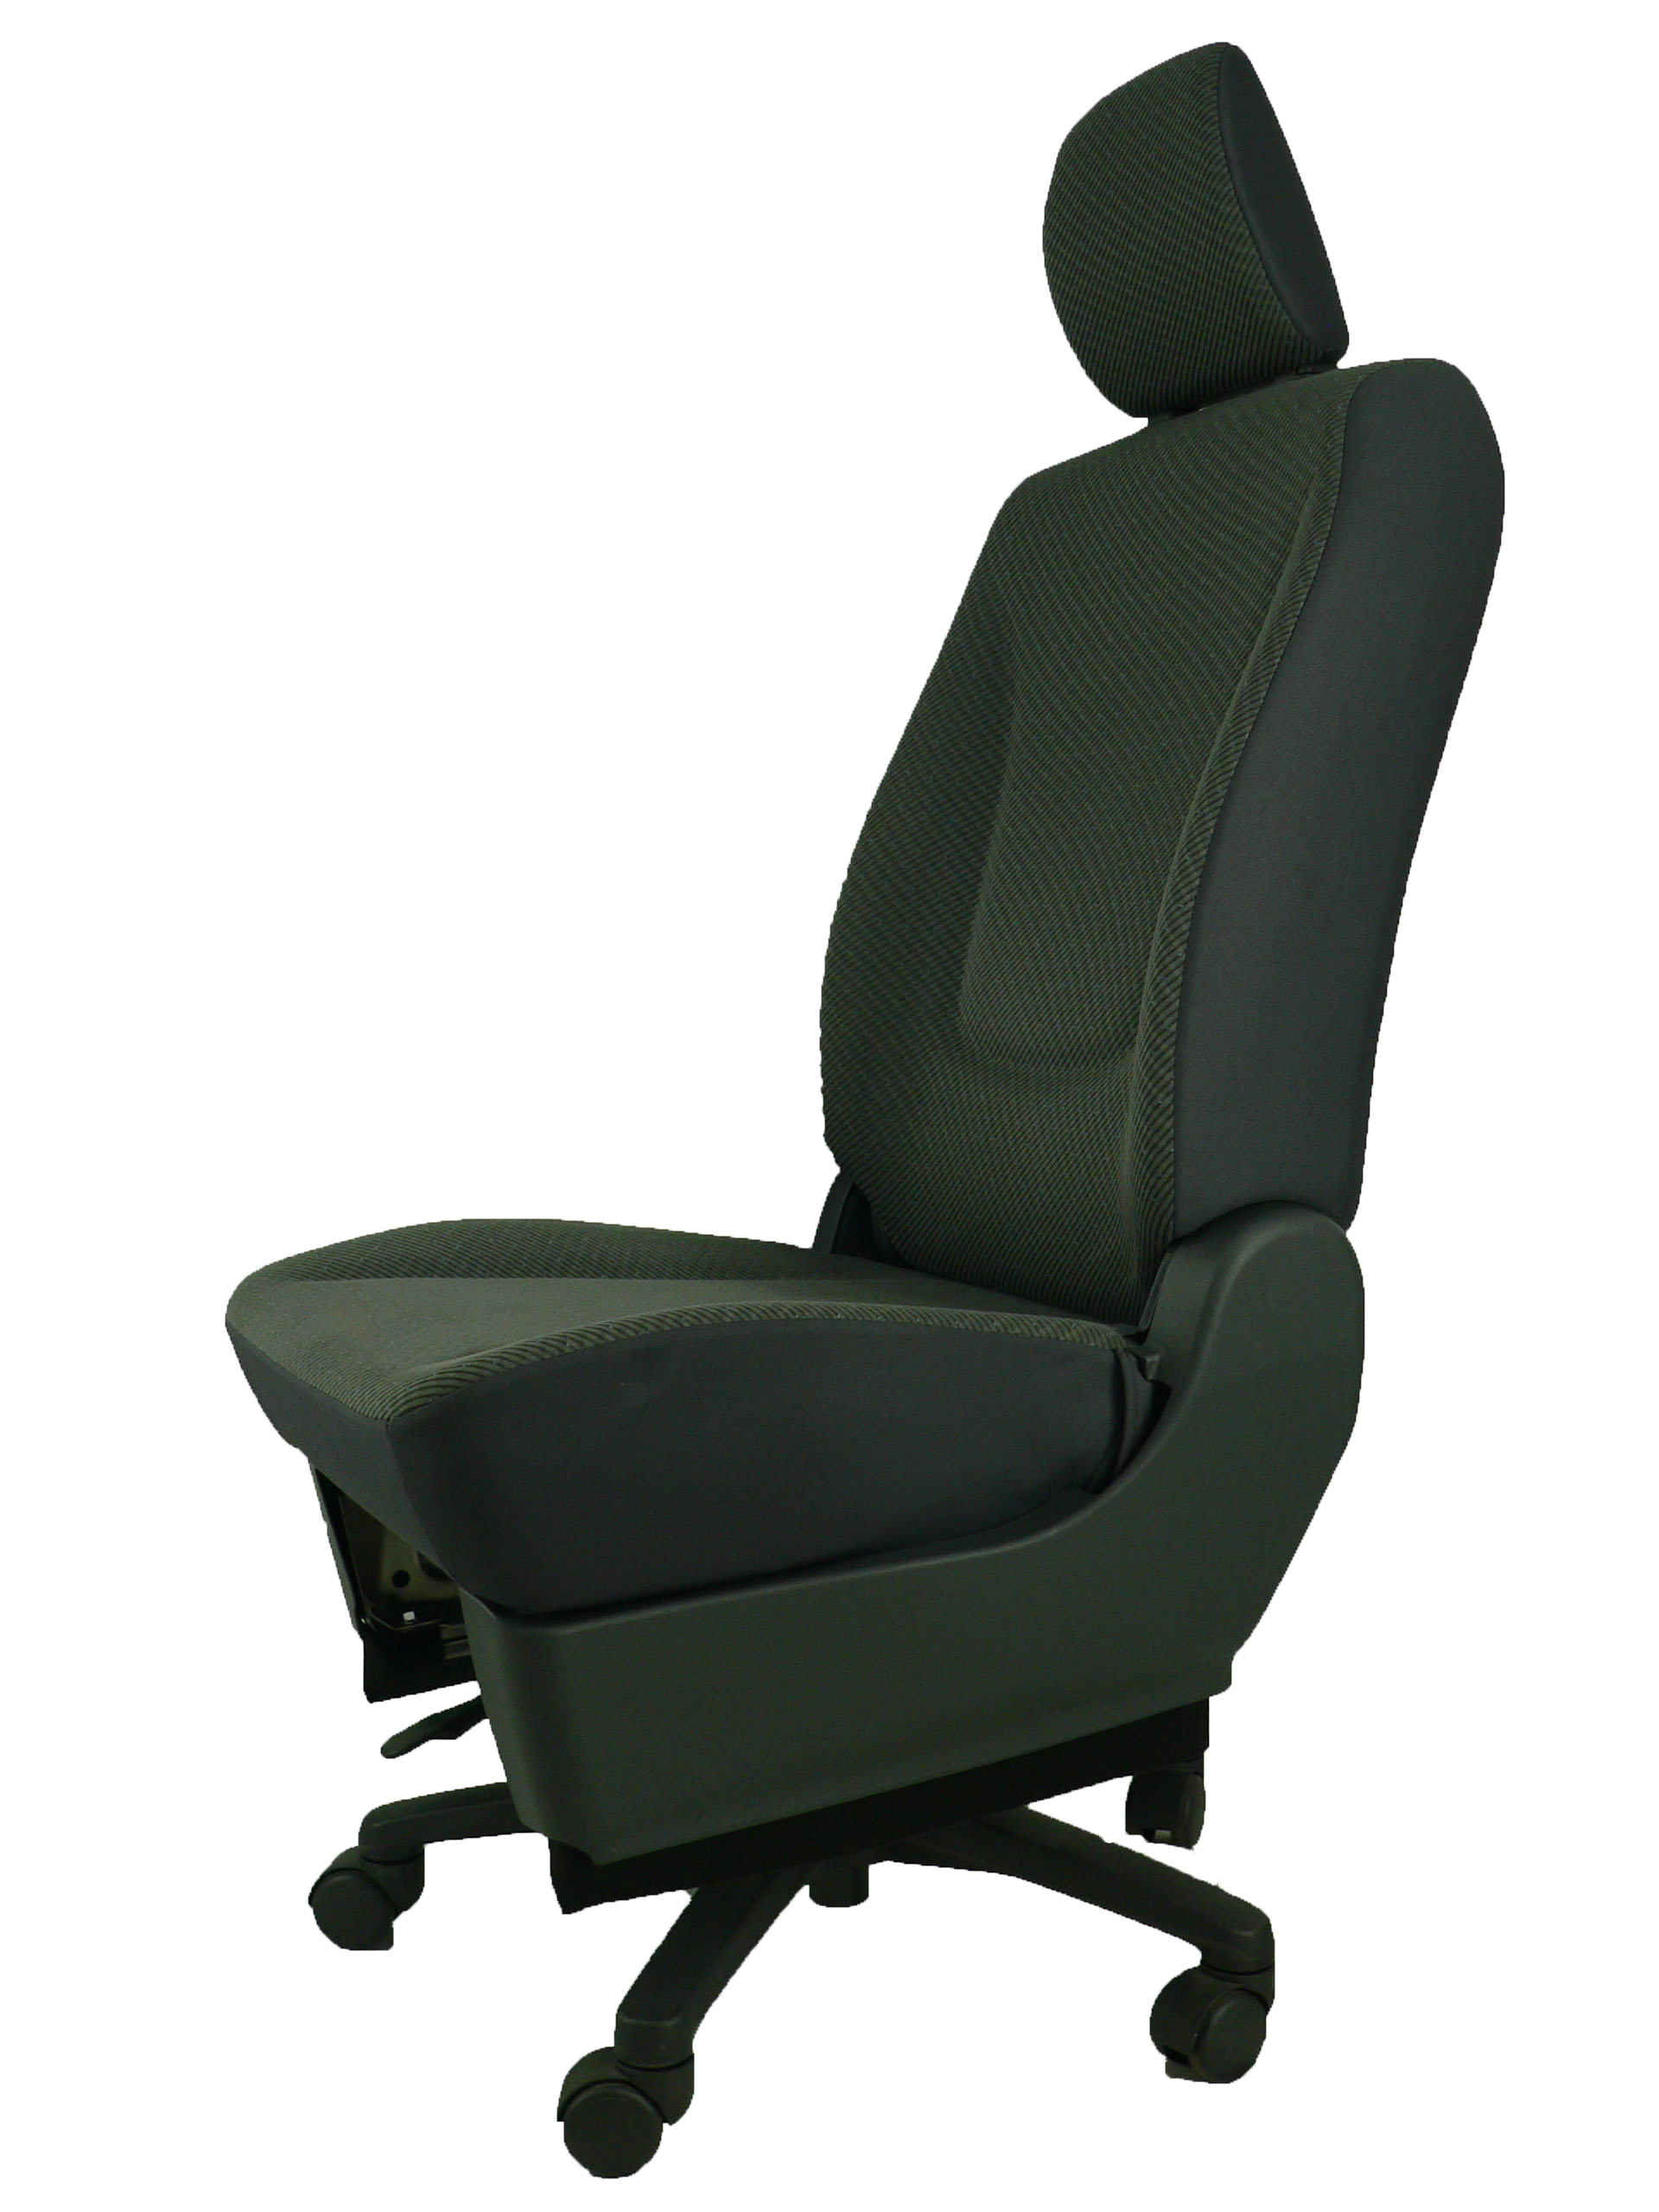 スズキ ワゴンR★自動車シートがリクライニングチェアー(デスクチェア)に、環境と健康に優しい椅子。